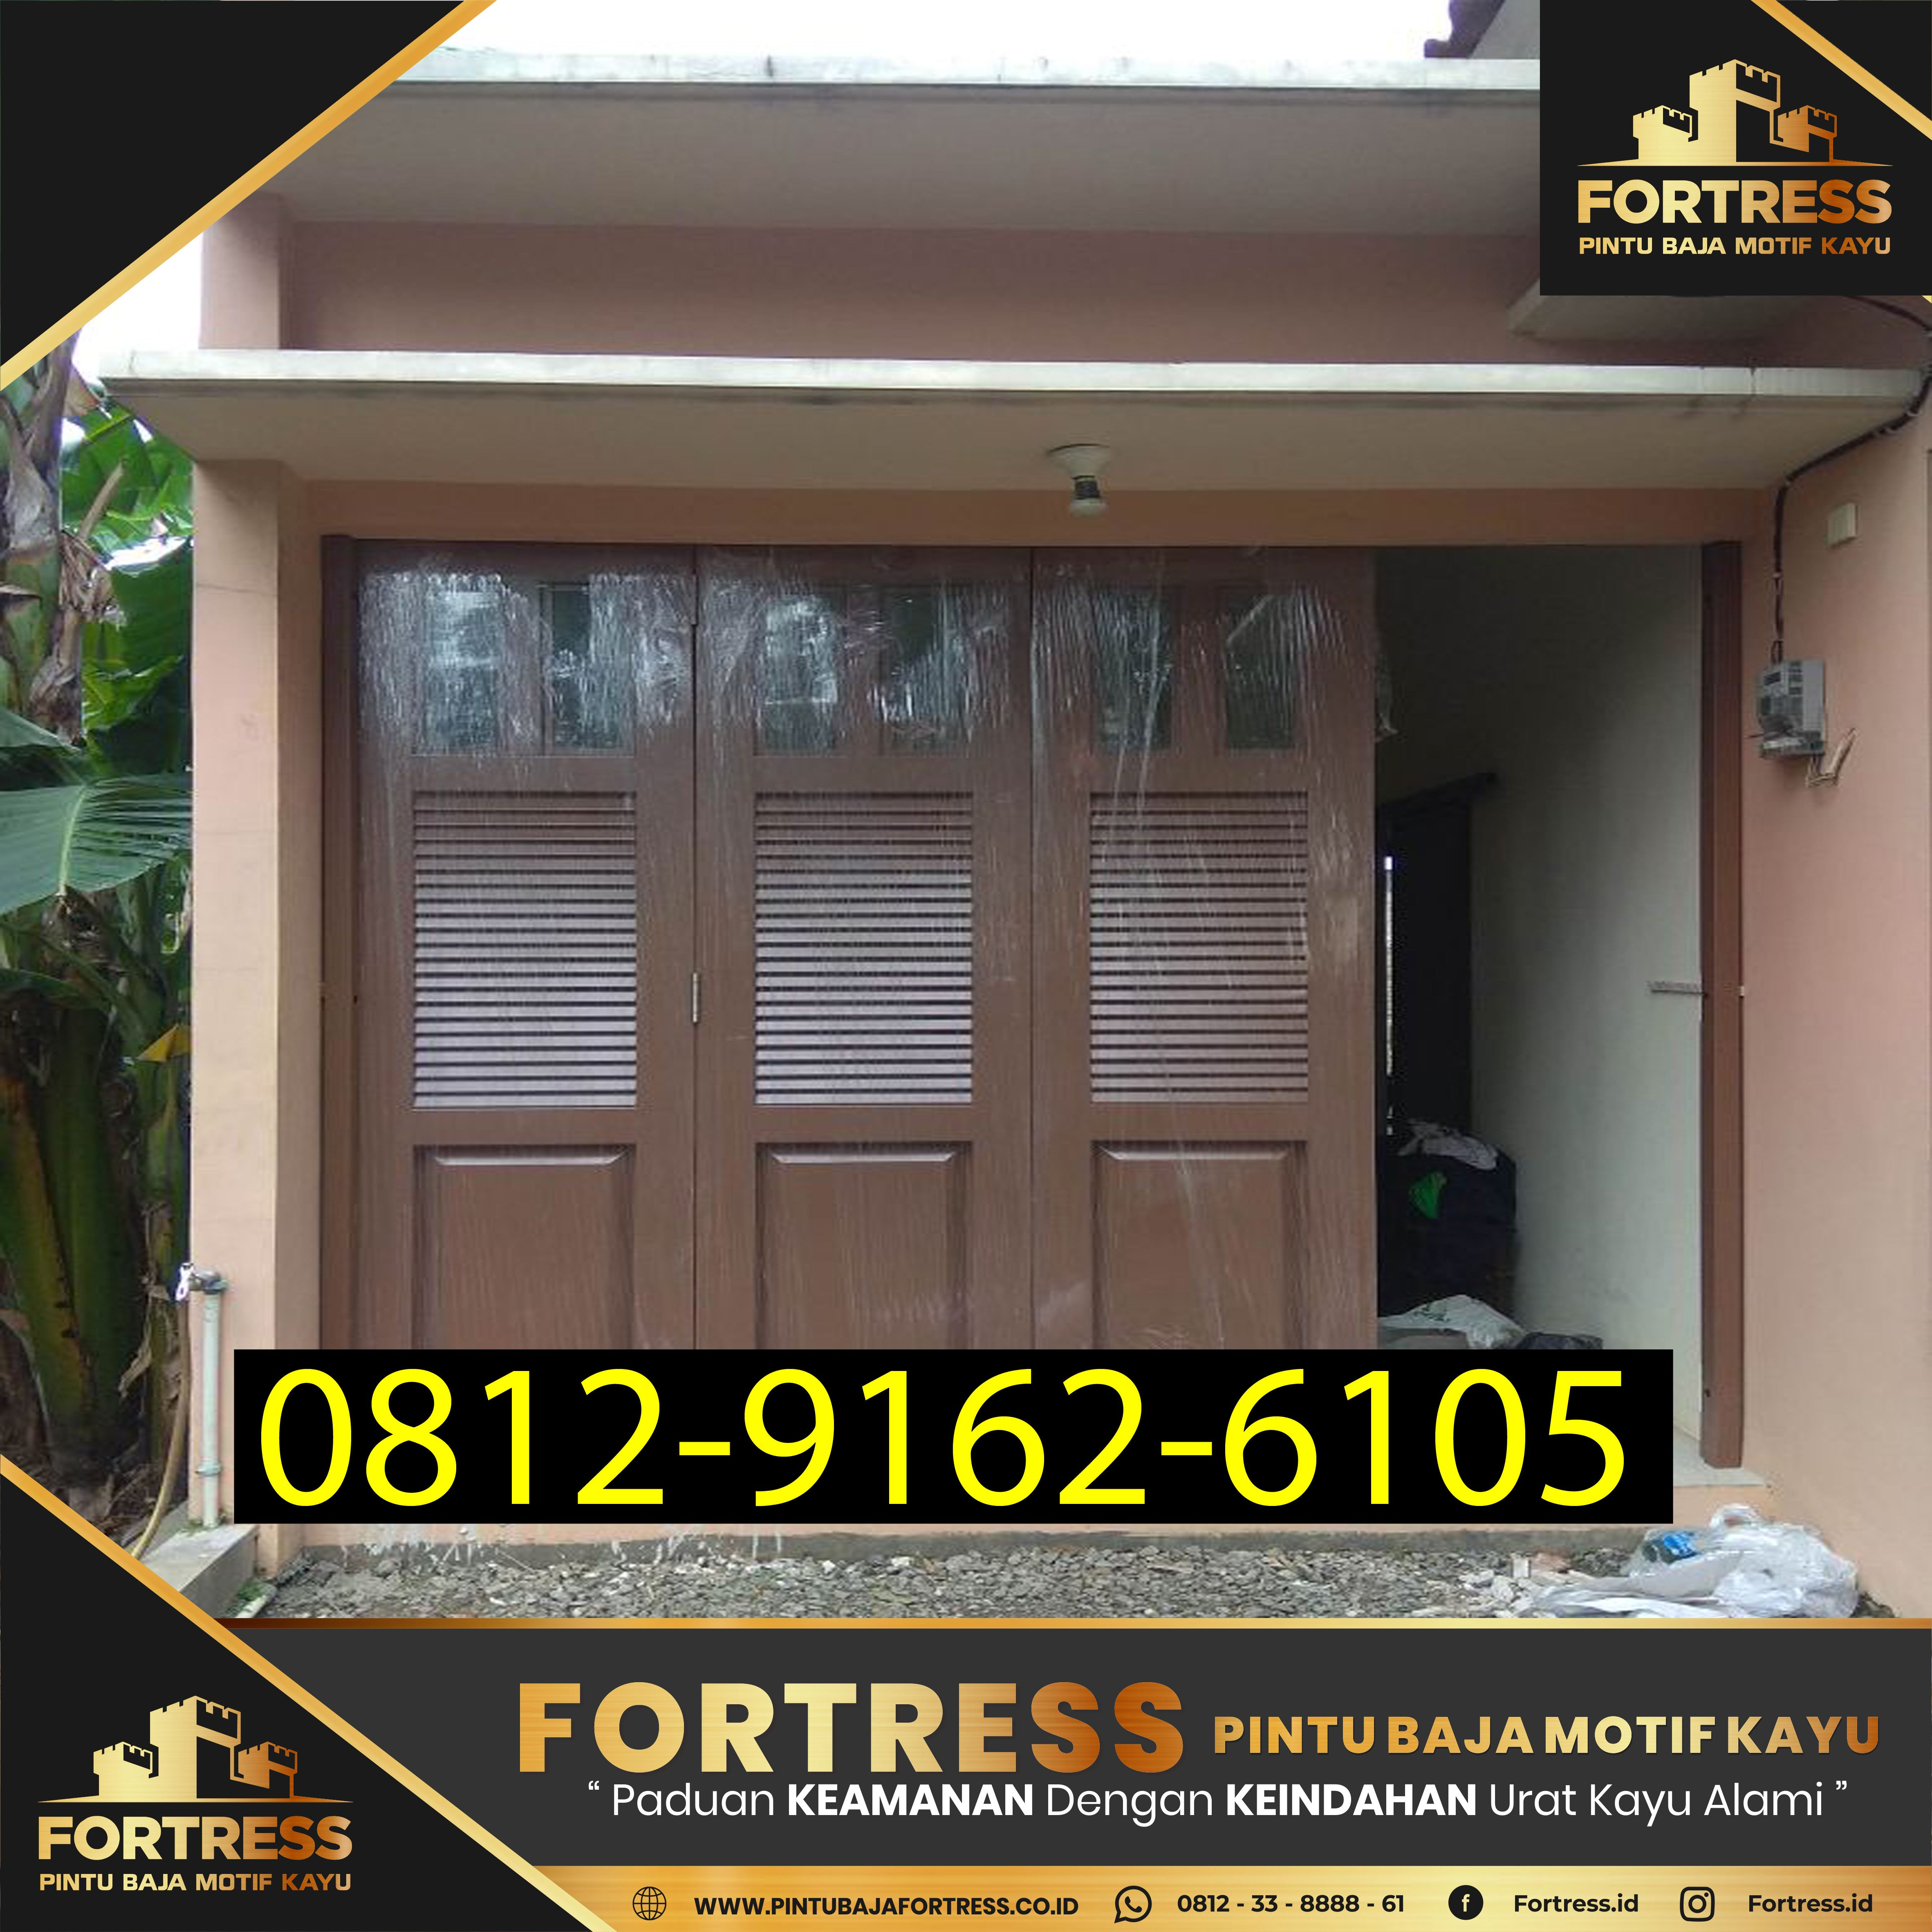 Fortress 0812 9162 6105 Desain Pintu Garasi Mobil Depok Pintu Garasi Pintu Kemewahan